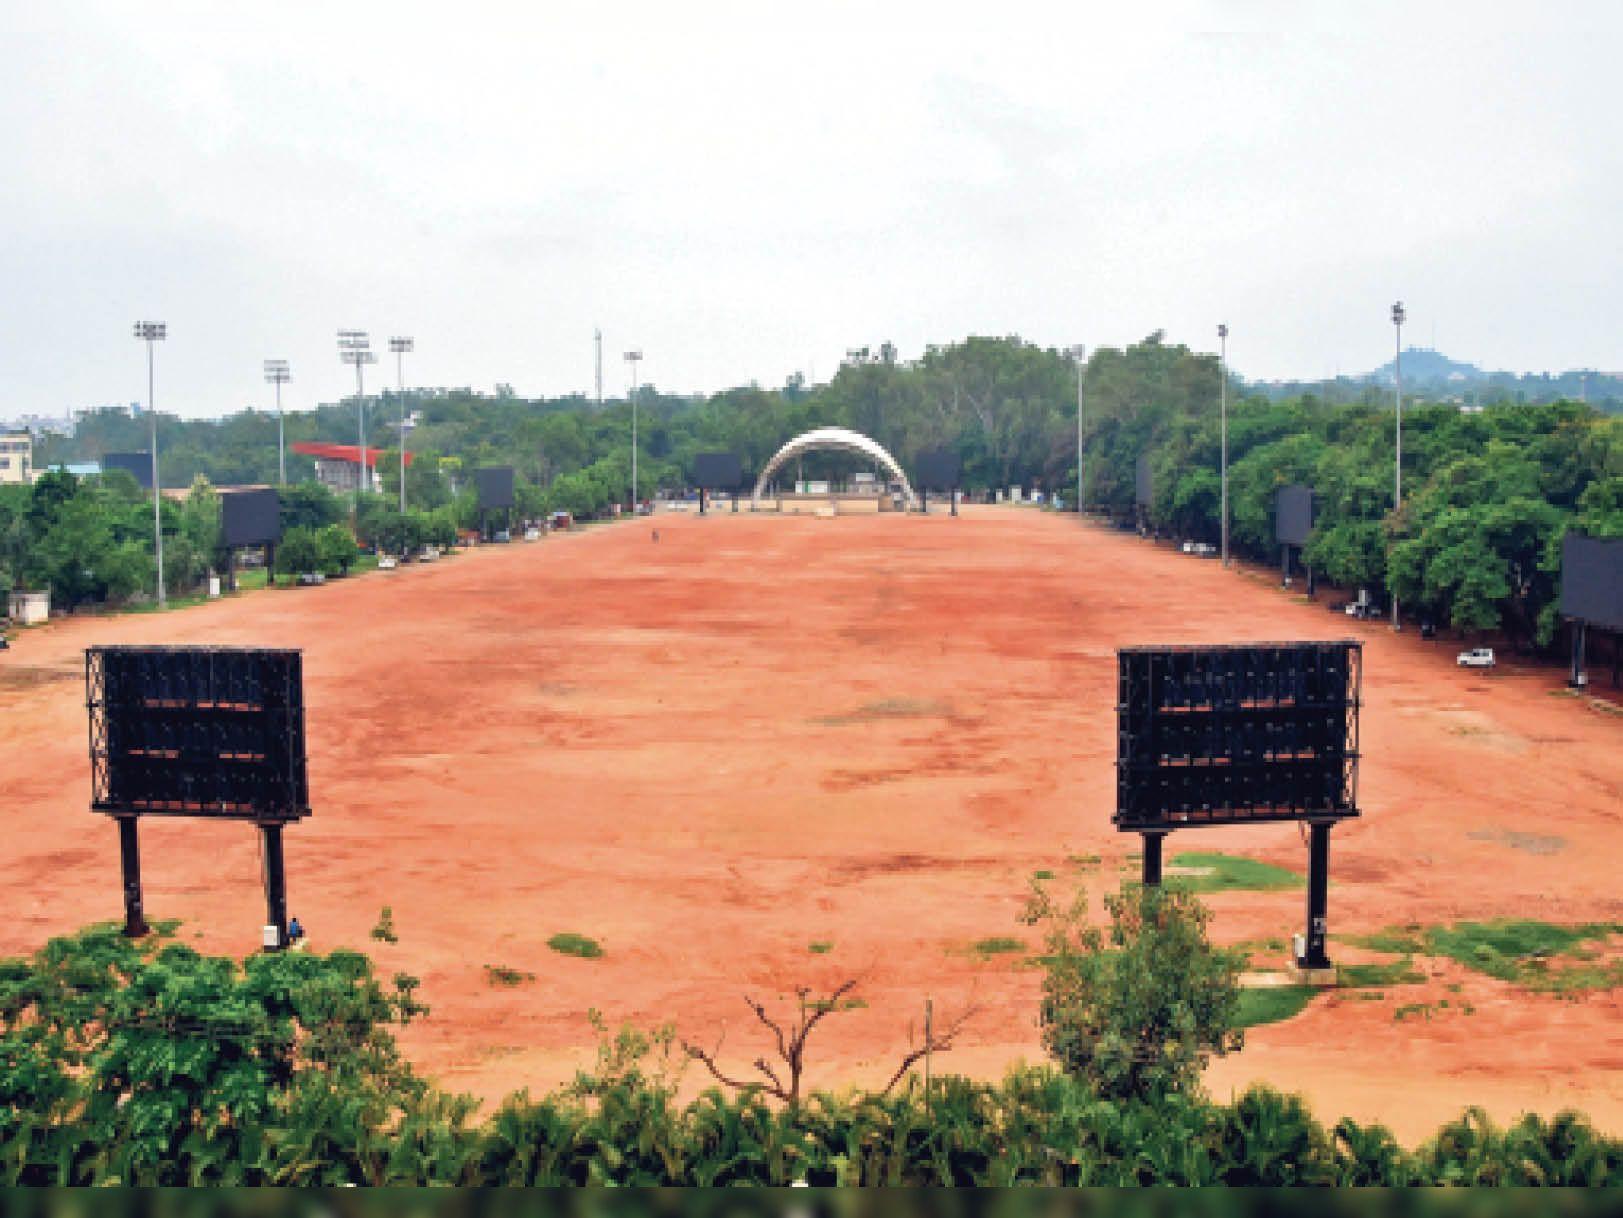 मोरहाबादी मैदान के चारों ओर 9 एलईडी स्क्रीन लगाने और स्टेज के सौंदर्यीकरण पर पैसा फूंका गया - Dainik Bhaskar